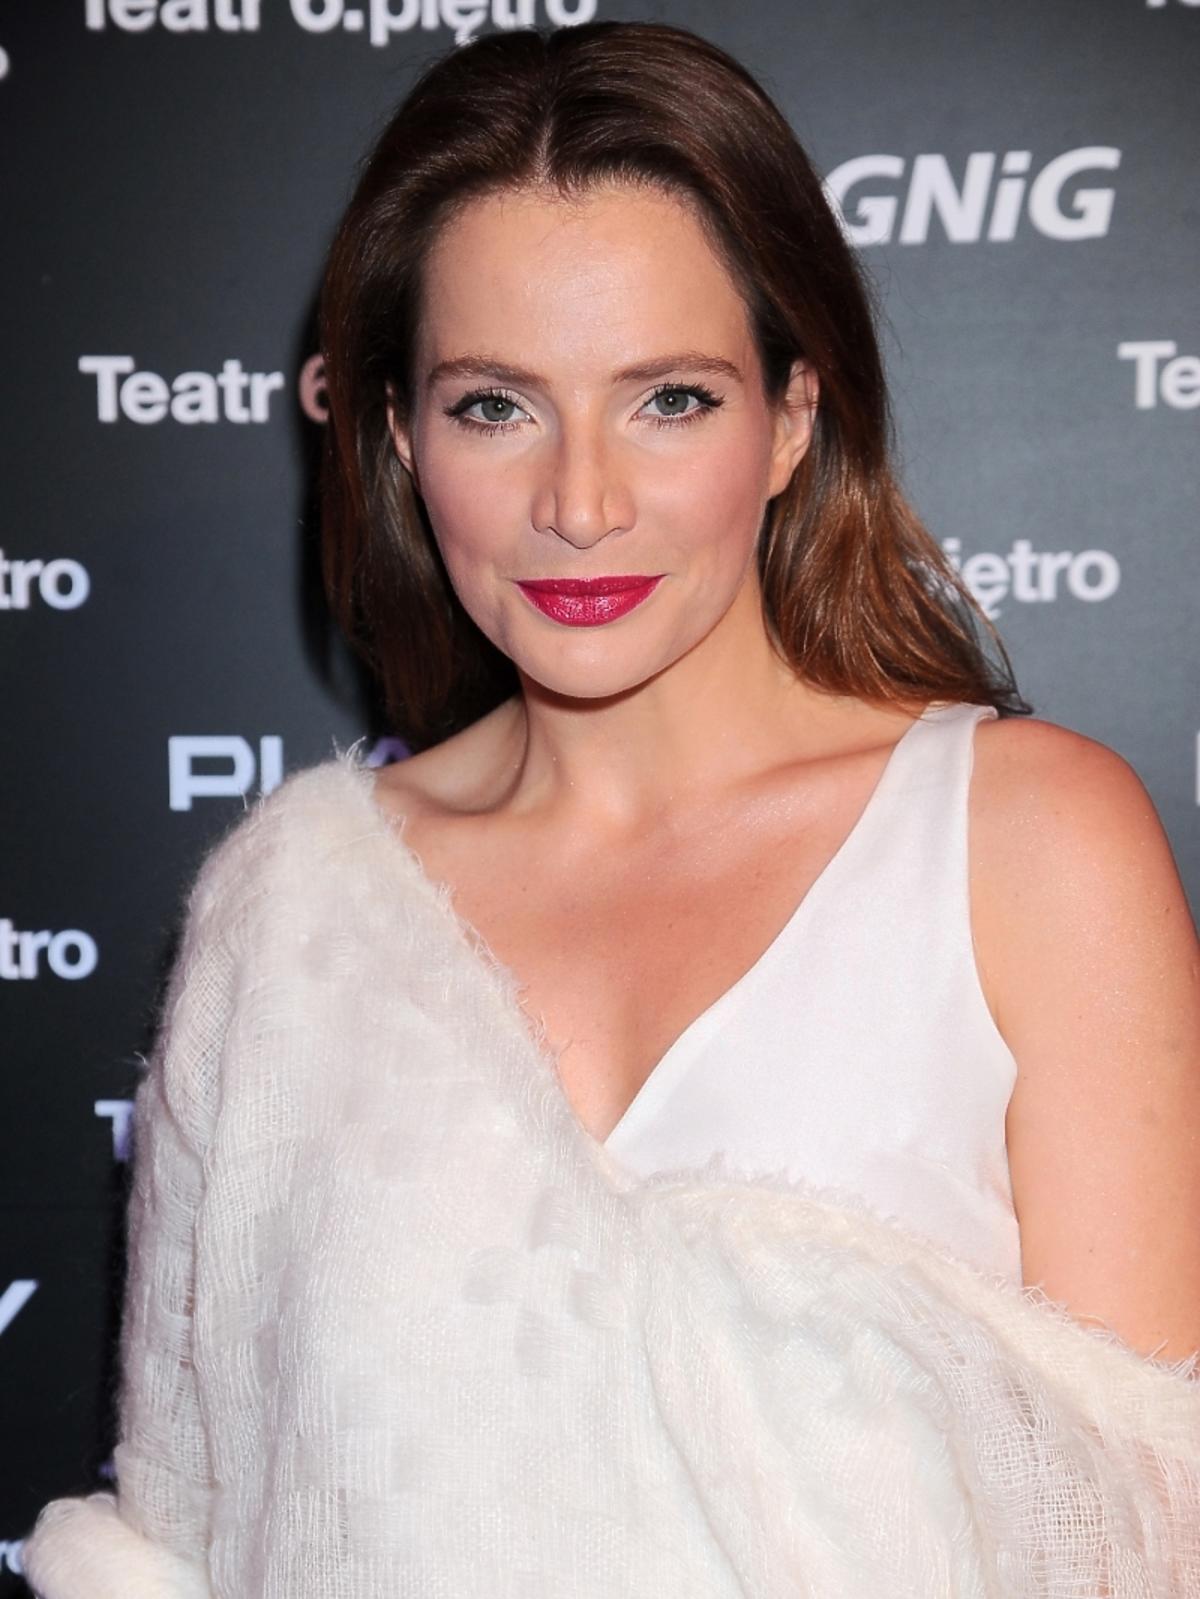 Anna Dereszowska w seksownej stylizacji